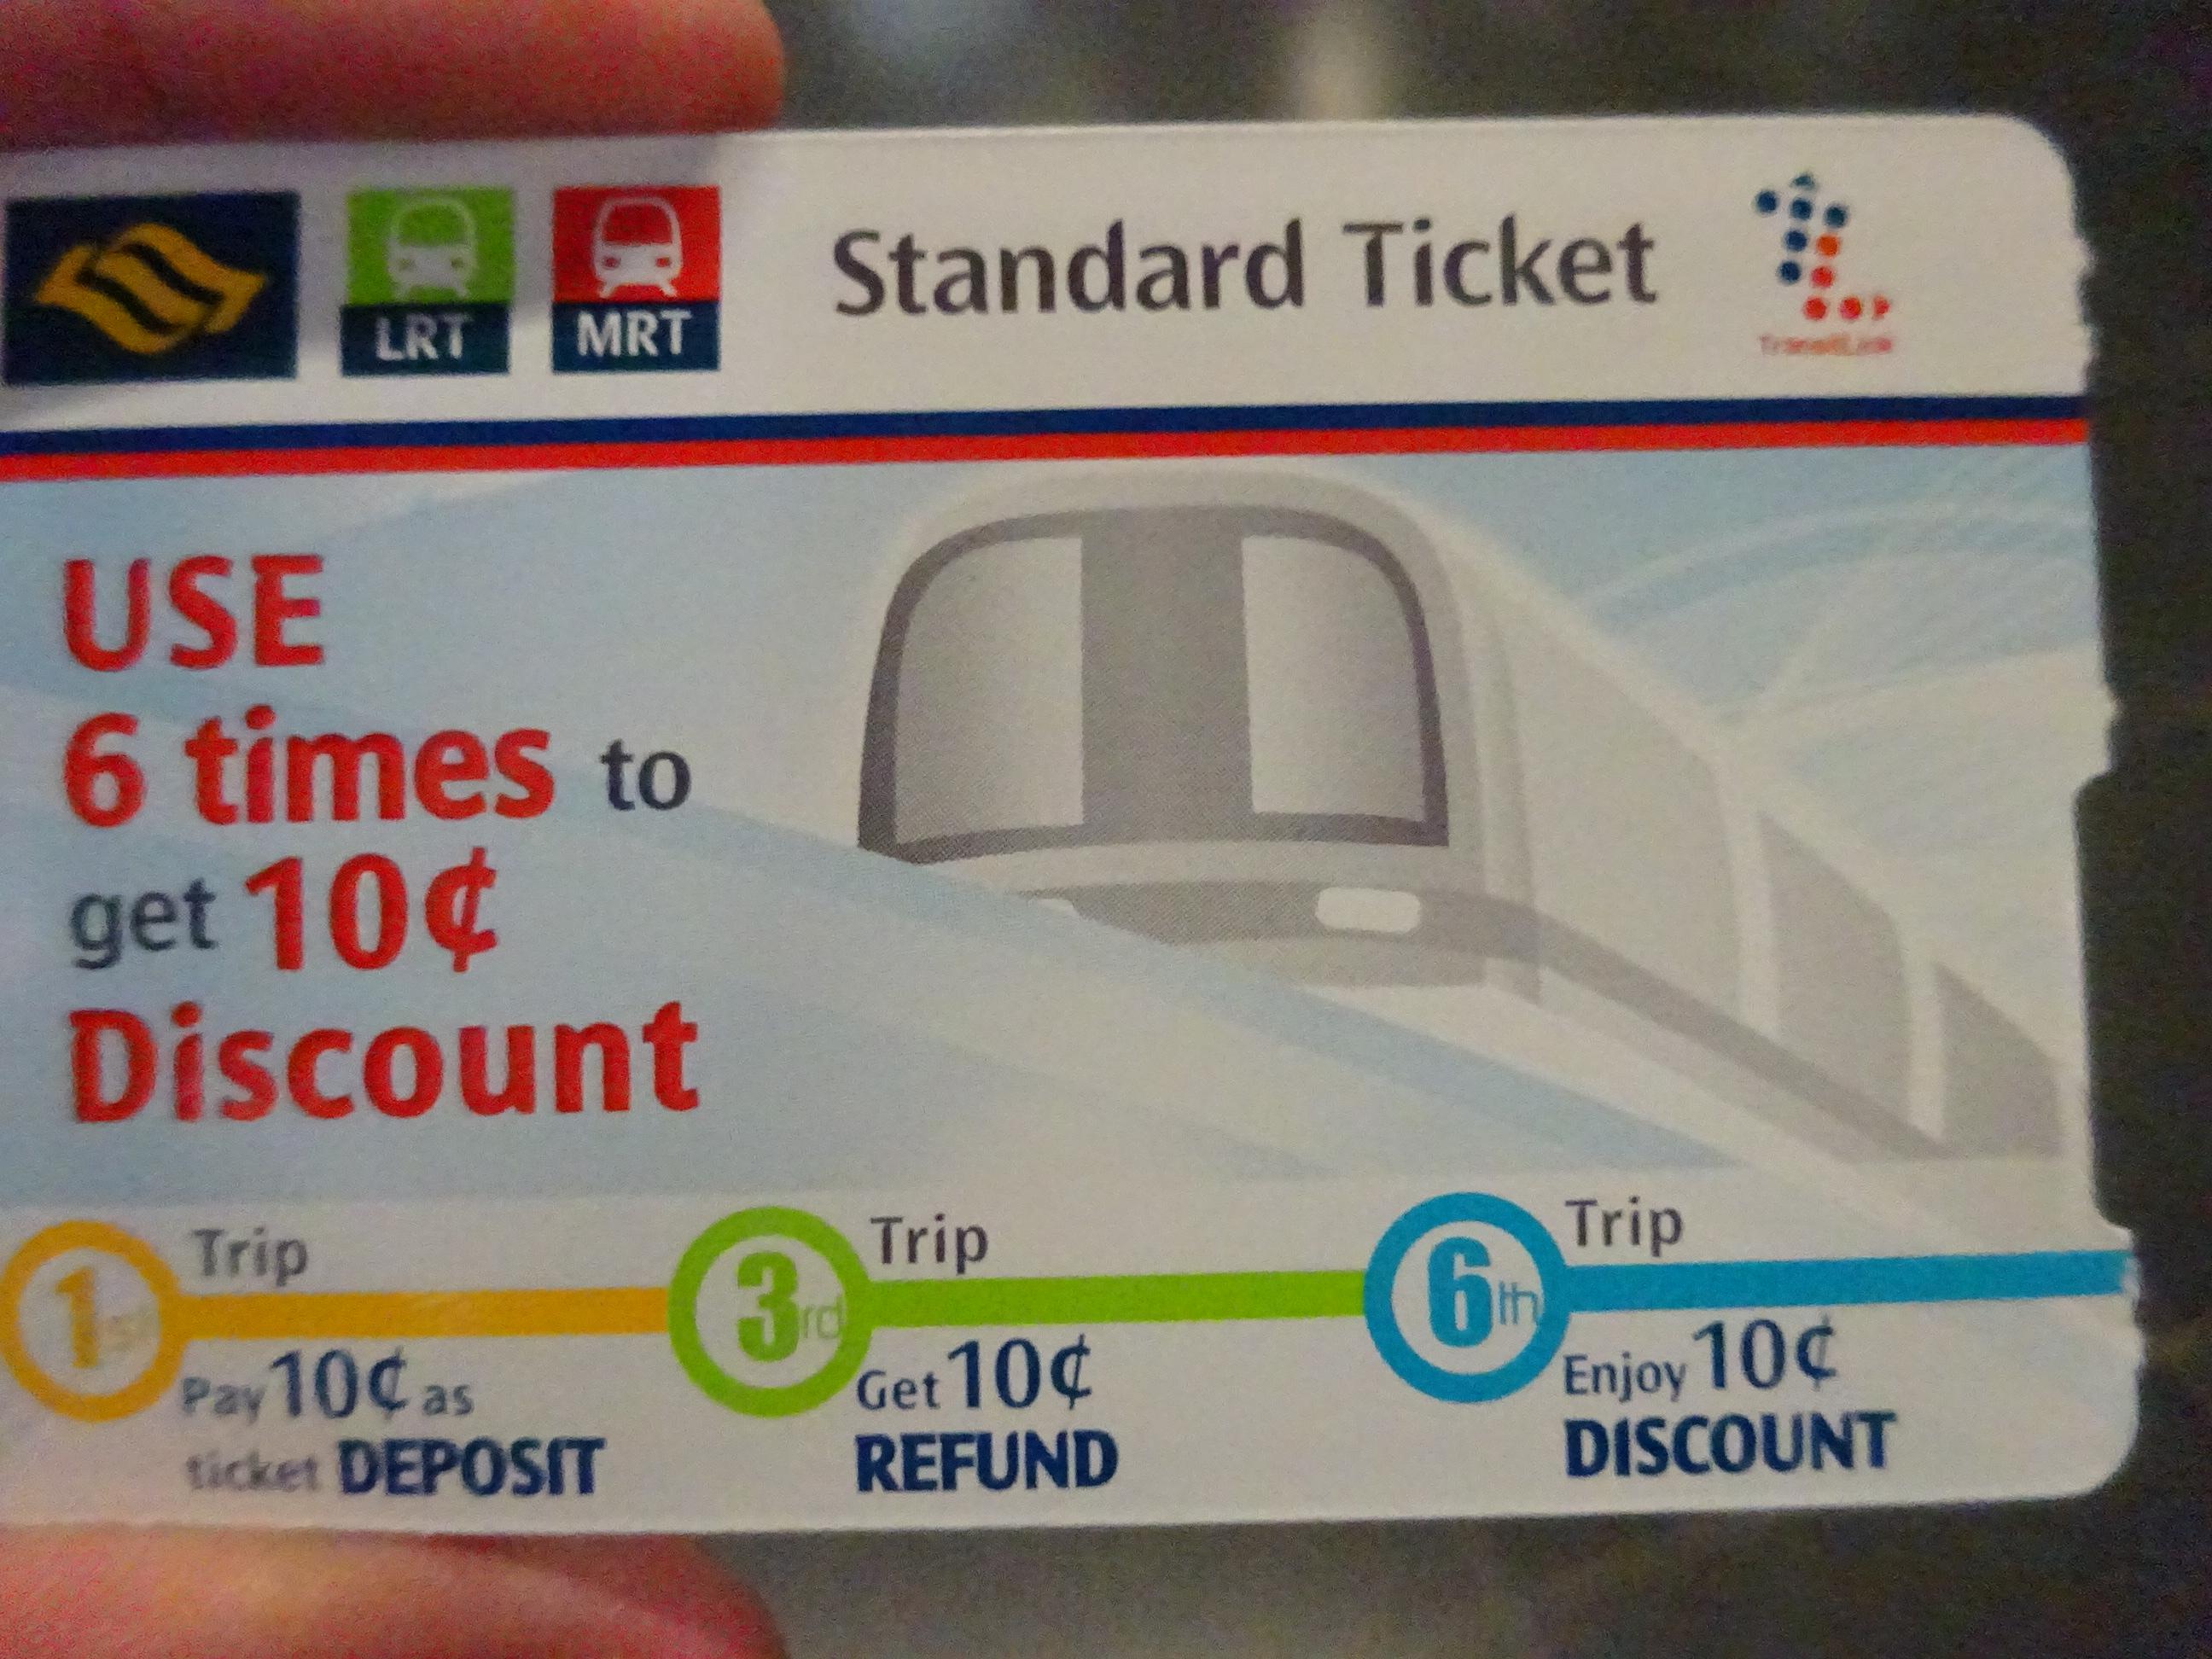 シンガポールの地下鉄の「スタンダードチケット」